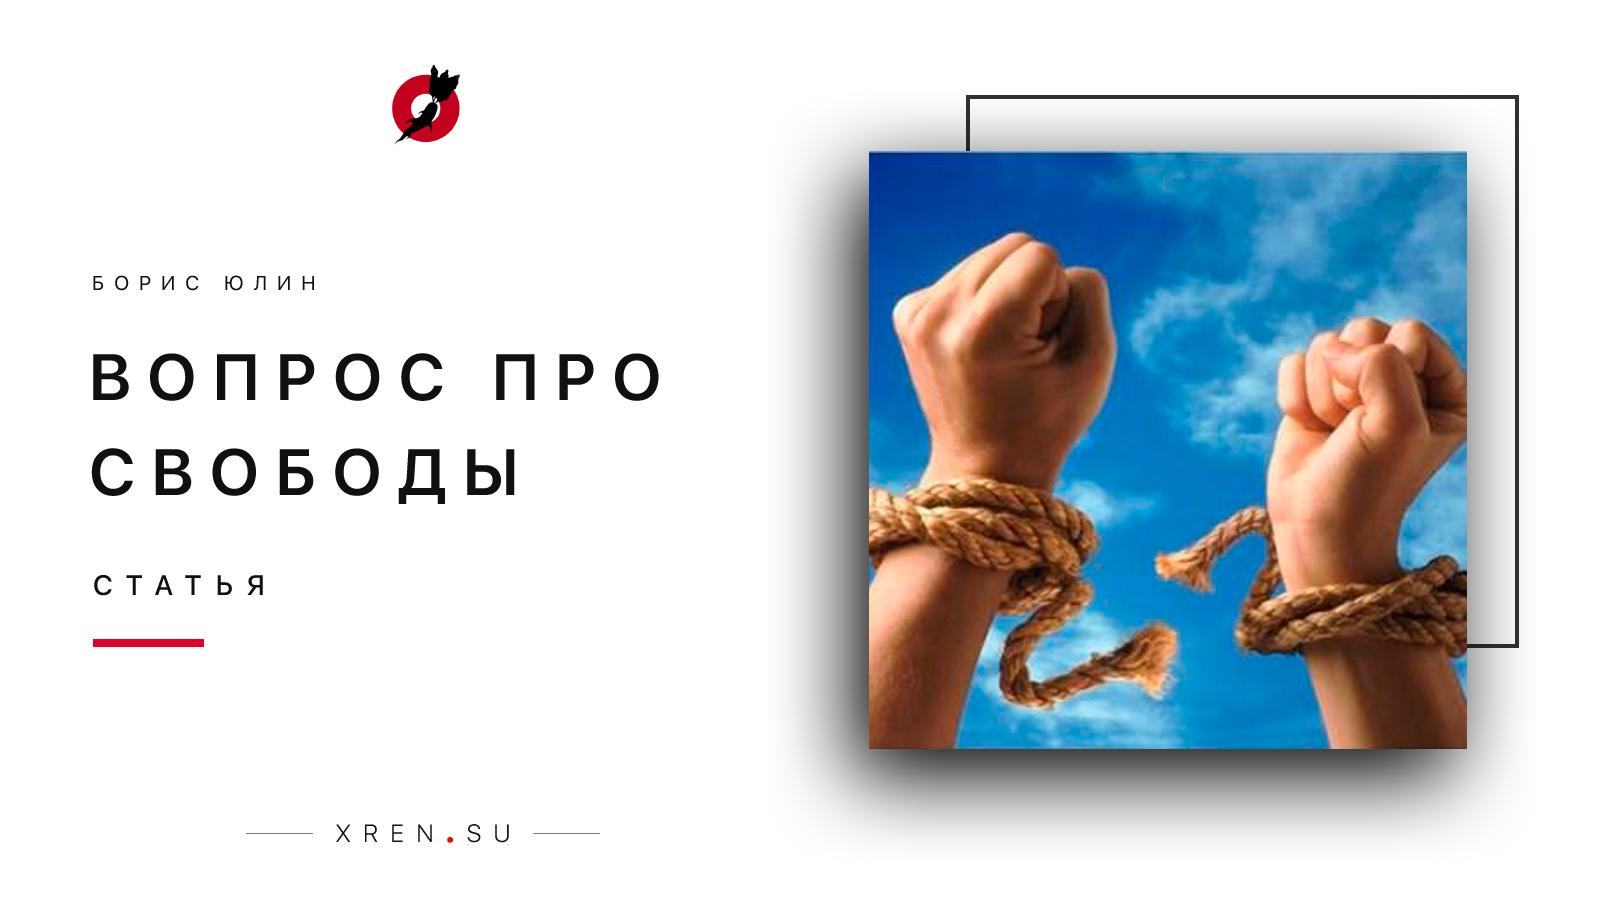 Вопрос про СВОБОДЫ!